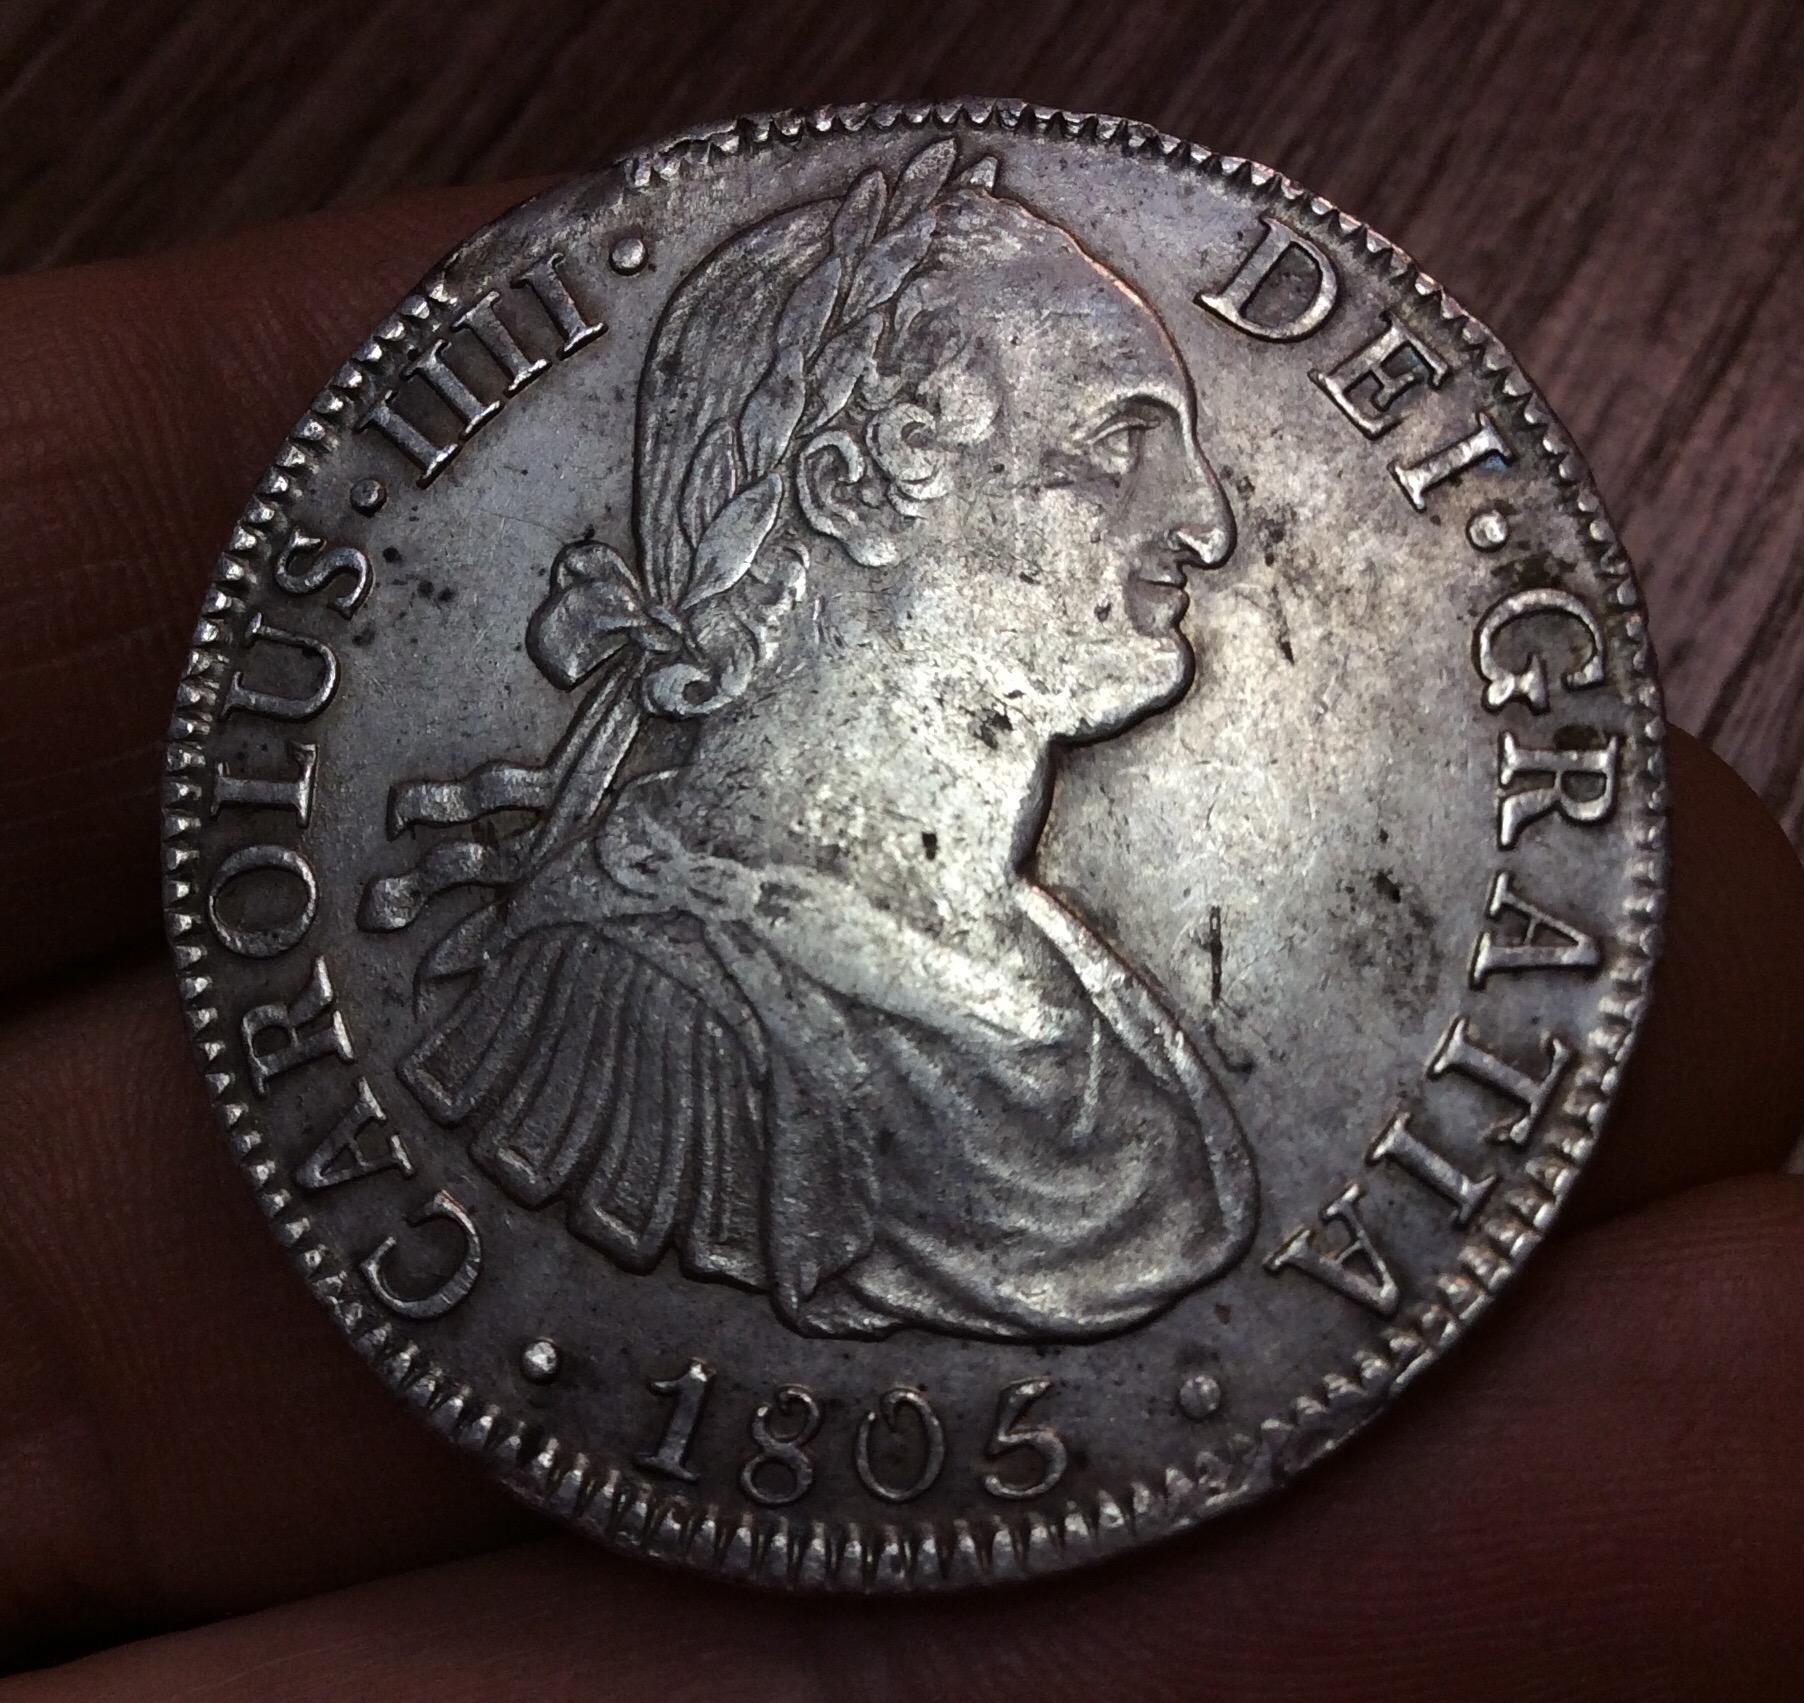 EXCELENTES 8 REALES CARLOS IV - ACUÑADOS EN 1806 EN MÉXICO TH